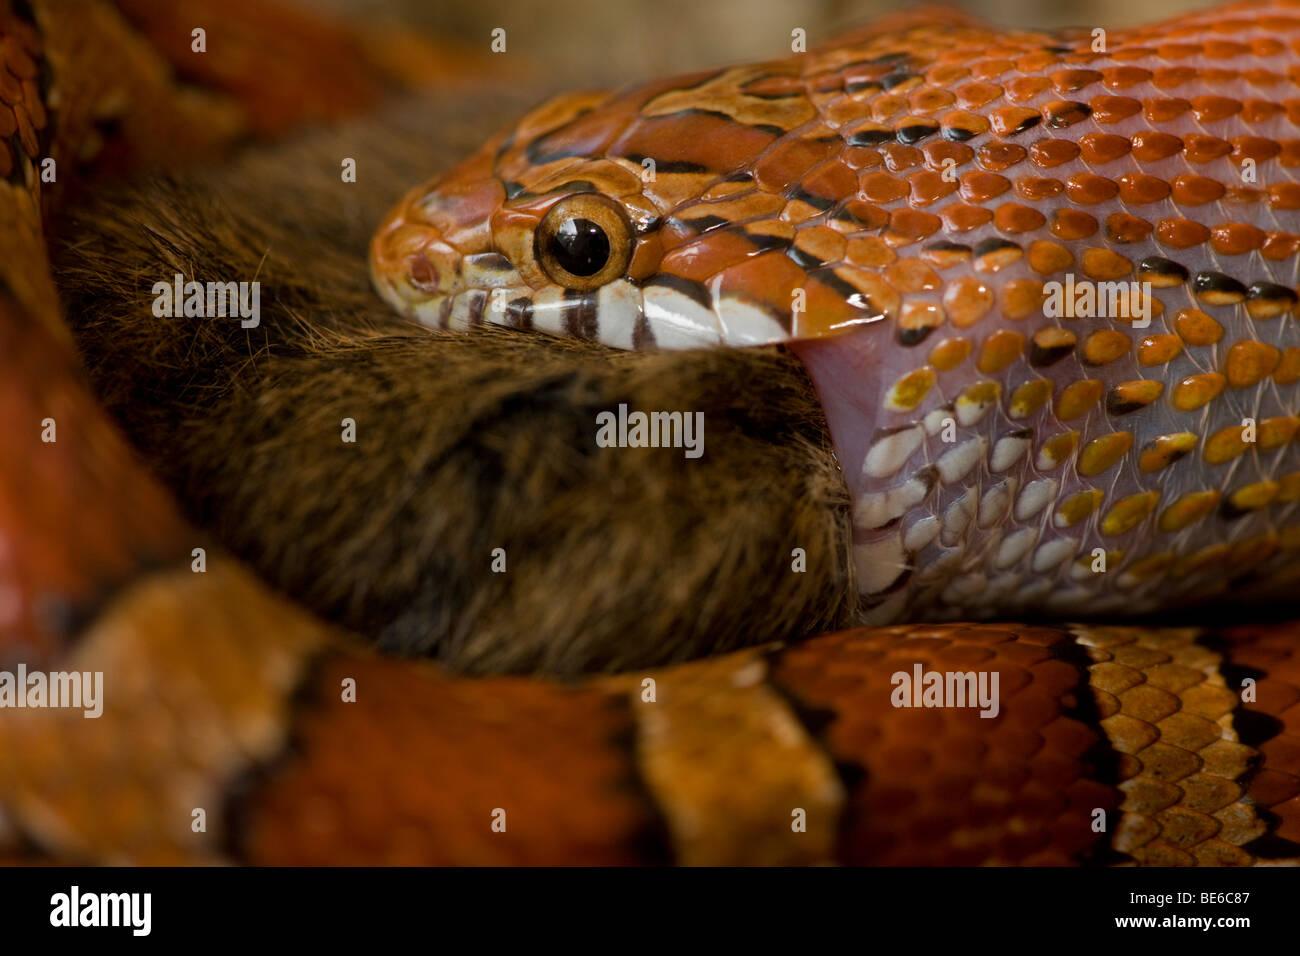 Elaphe guttata serpent maïs guttata) manger - Souris - USA